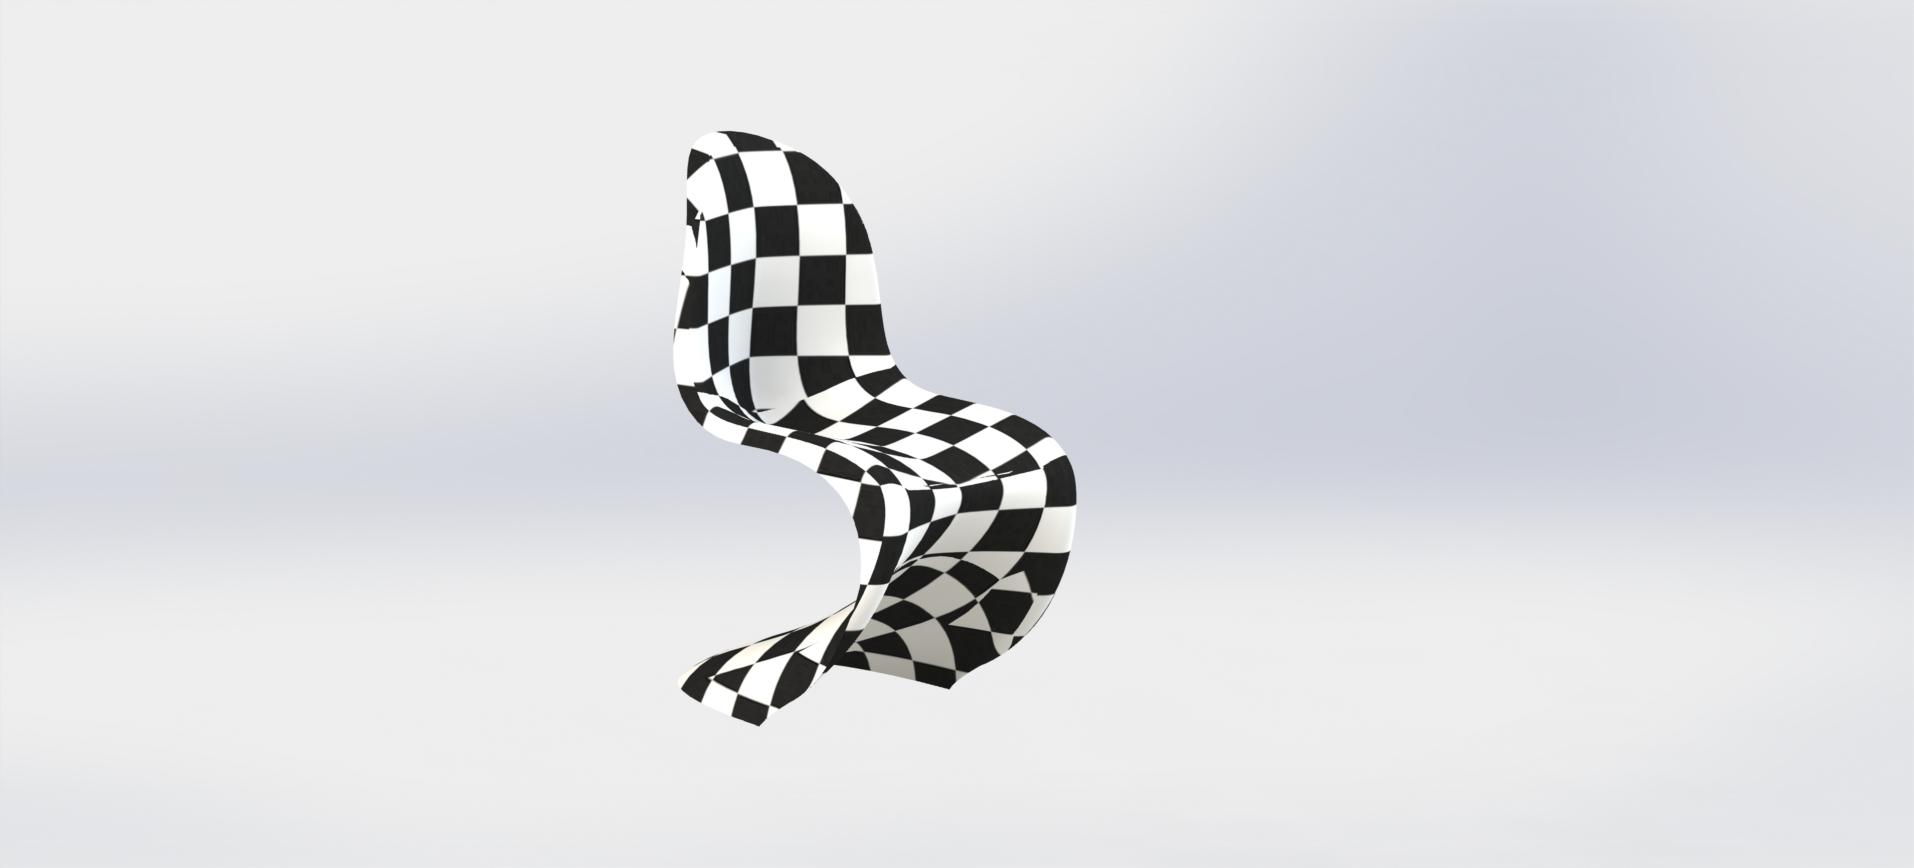 Solidworks Online Course-Designing a Panton S chair|Spline, pierce ...